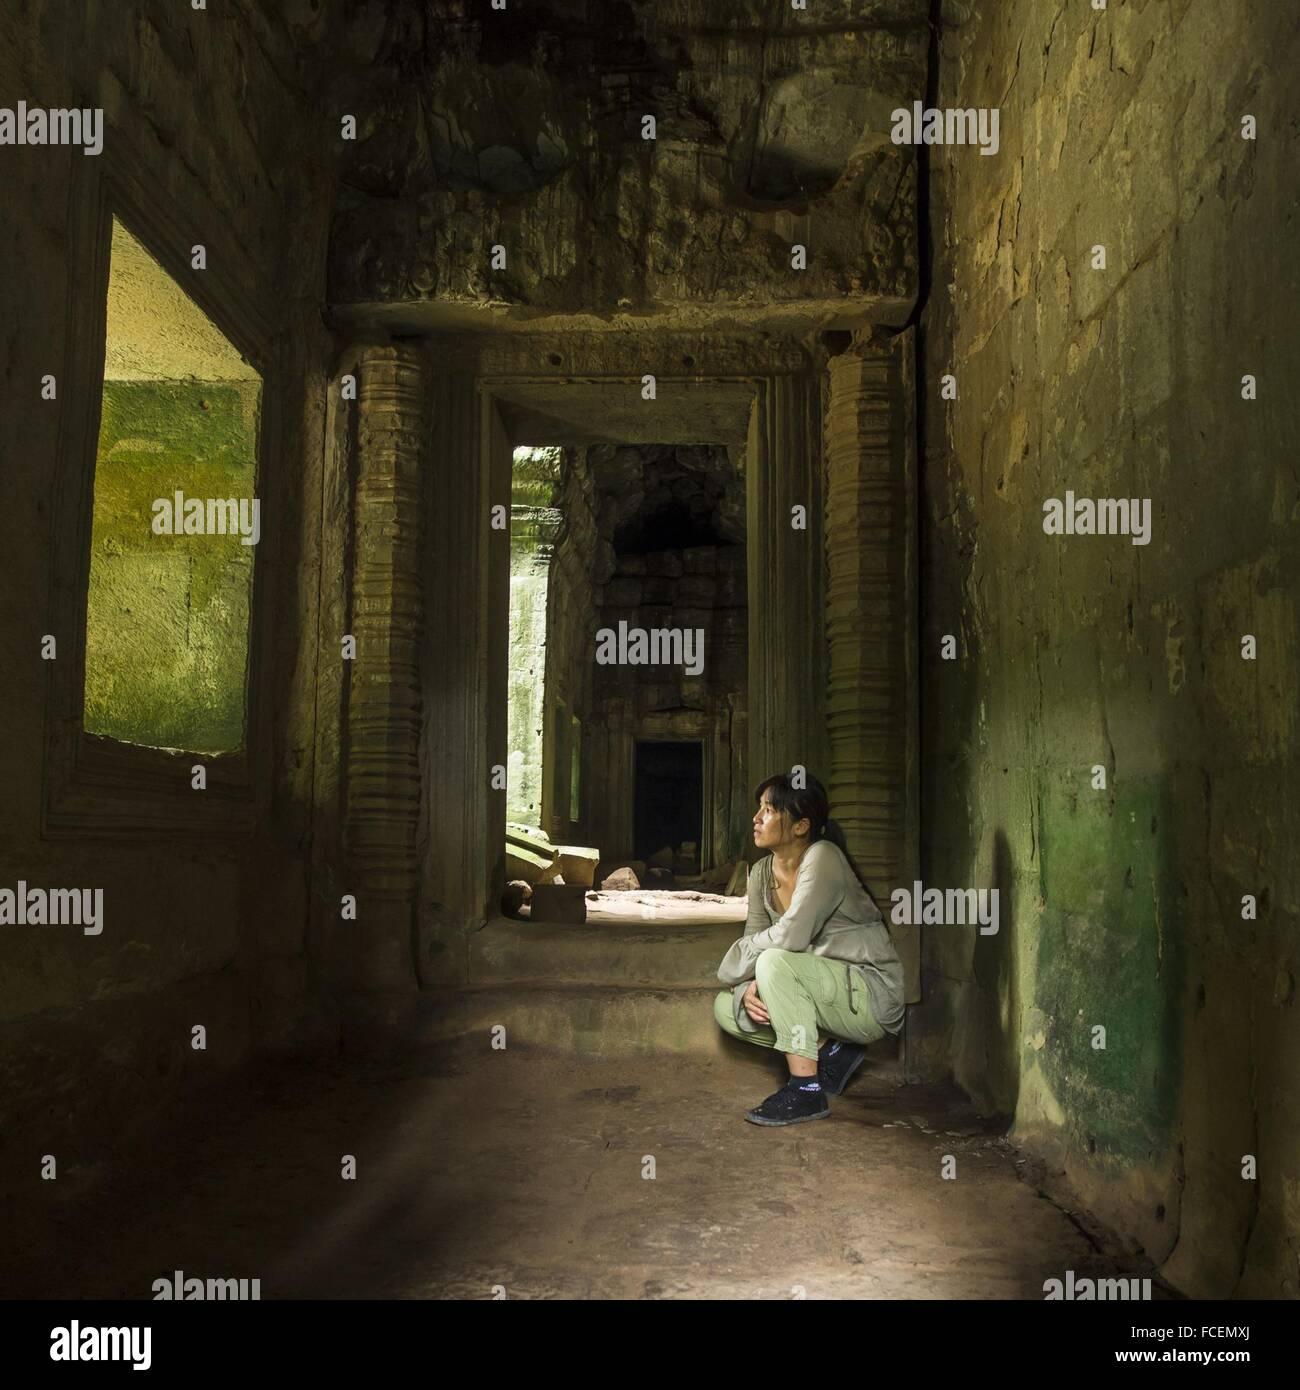 Toute la longueur de femme accroupie dans la maison abandonnée Photo Stock